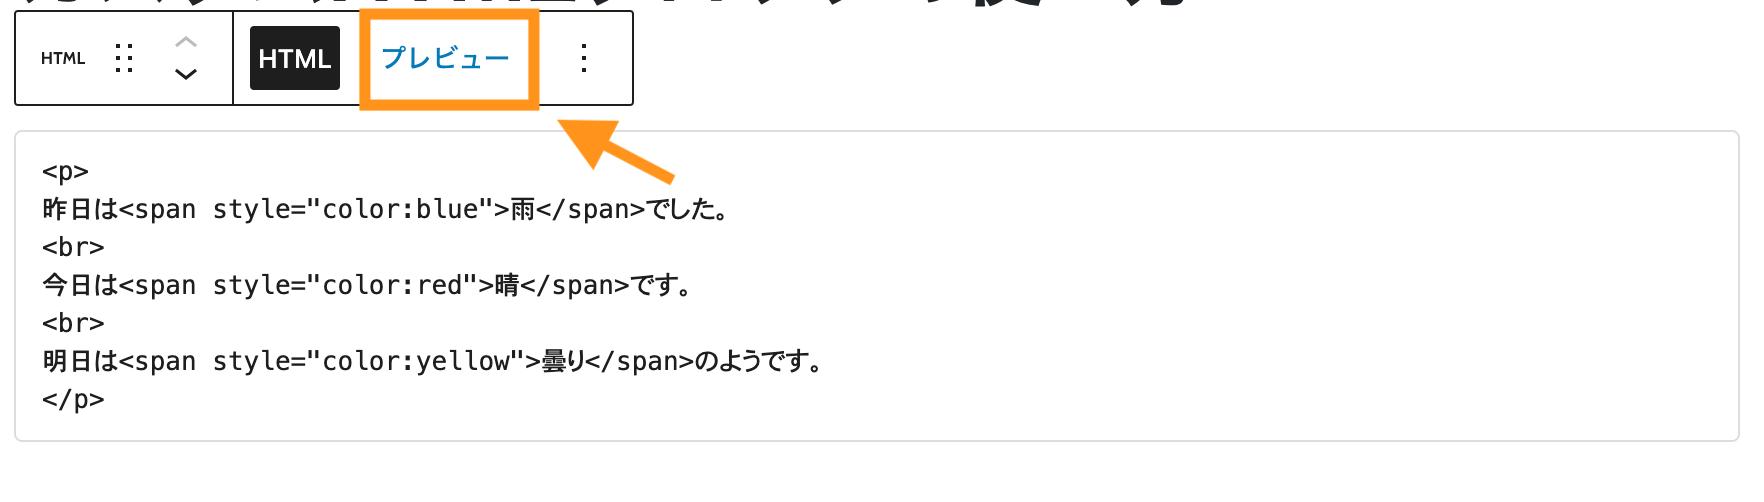 カスタムHTML>プレビュー